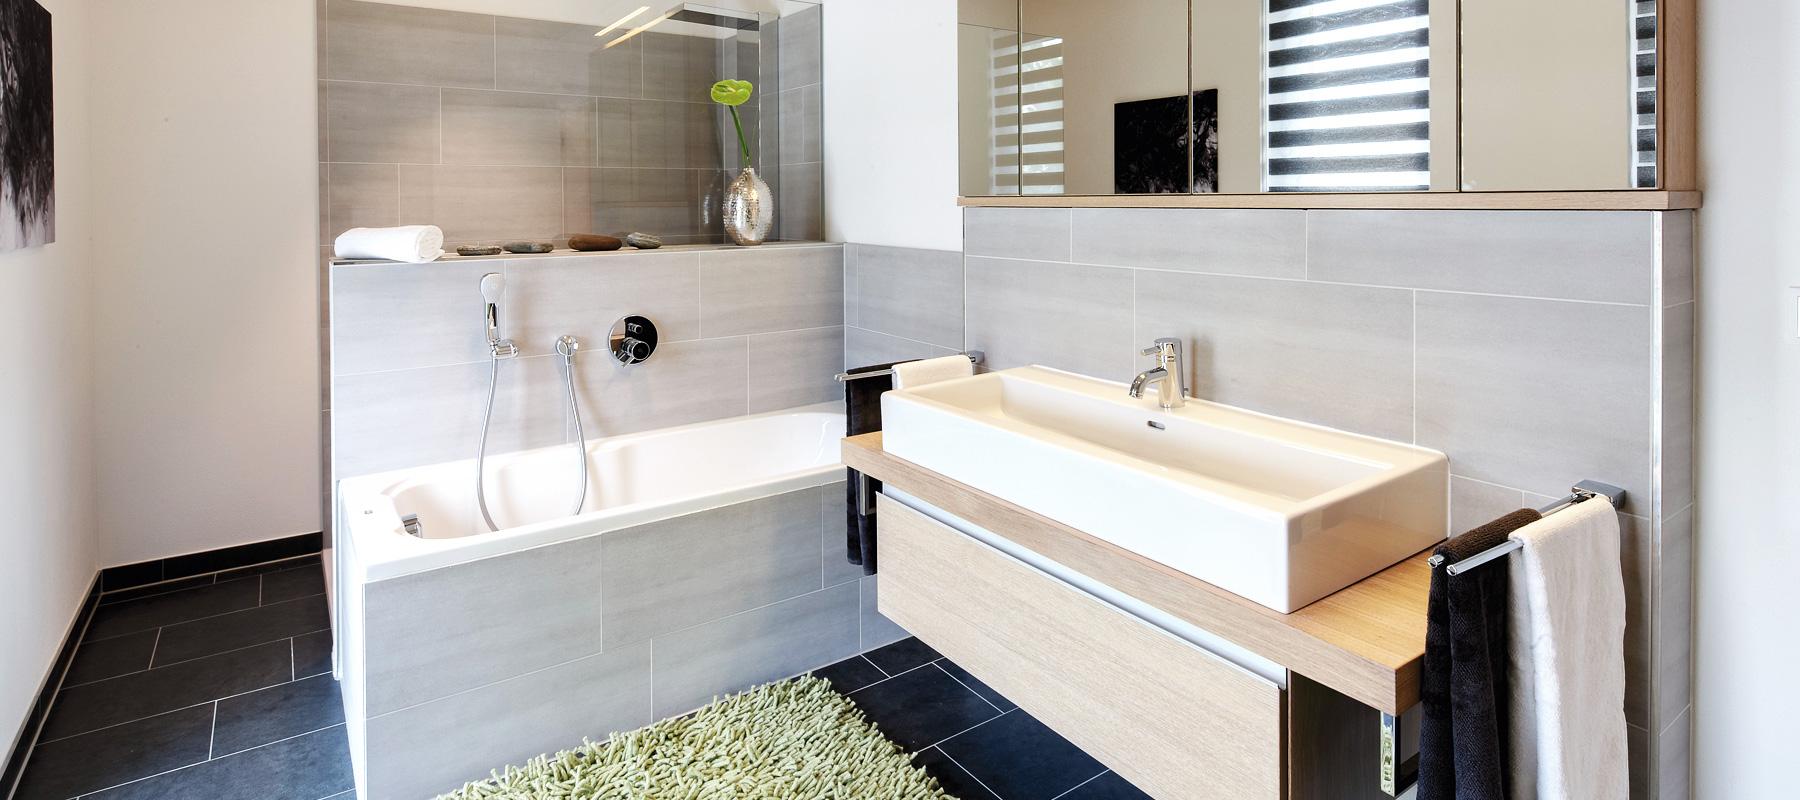 Badezimmer und Badplanung vom Holzhaus-Profi - Sonnleitner ...